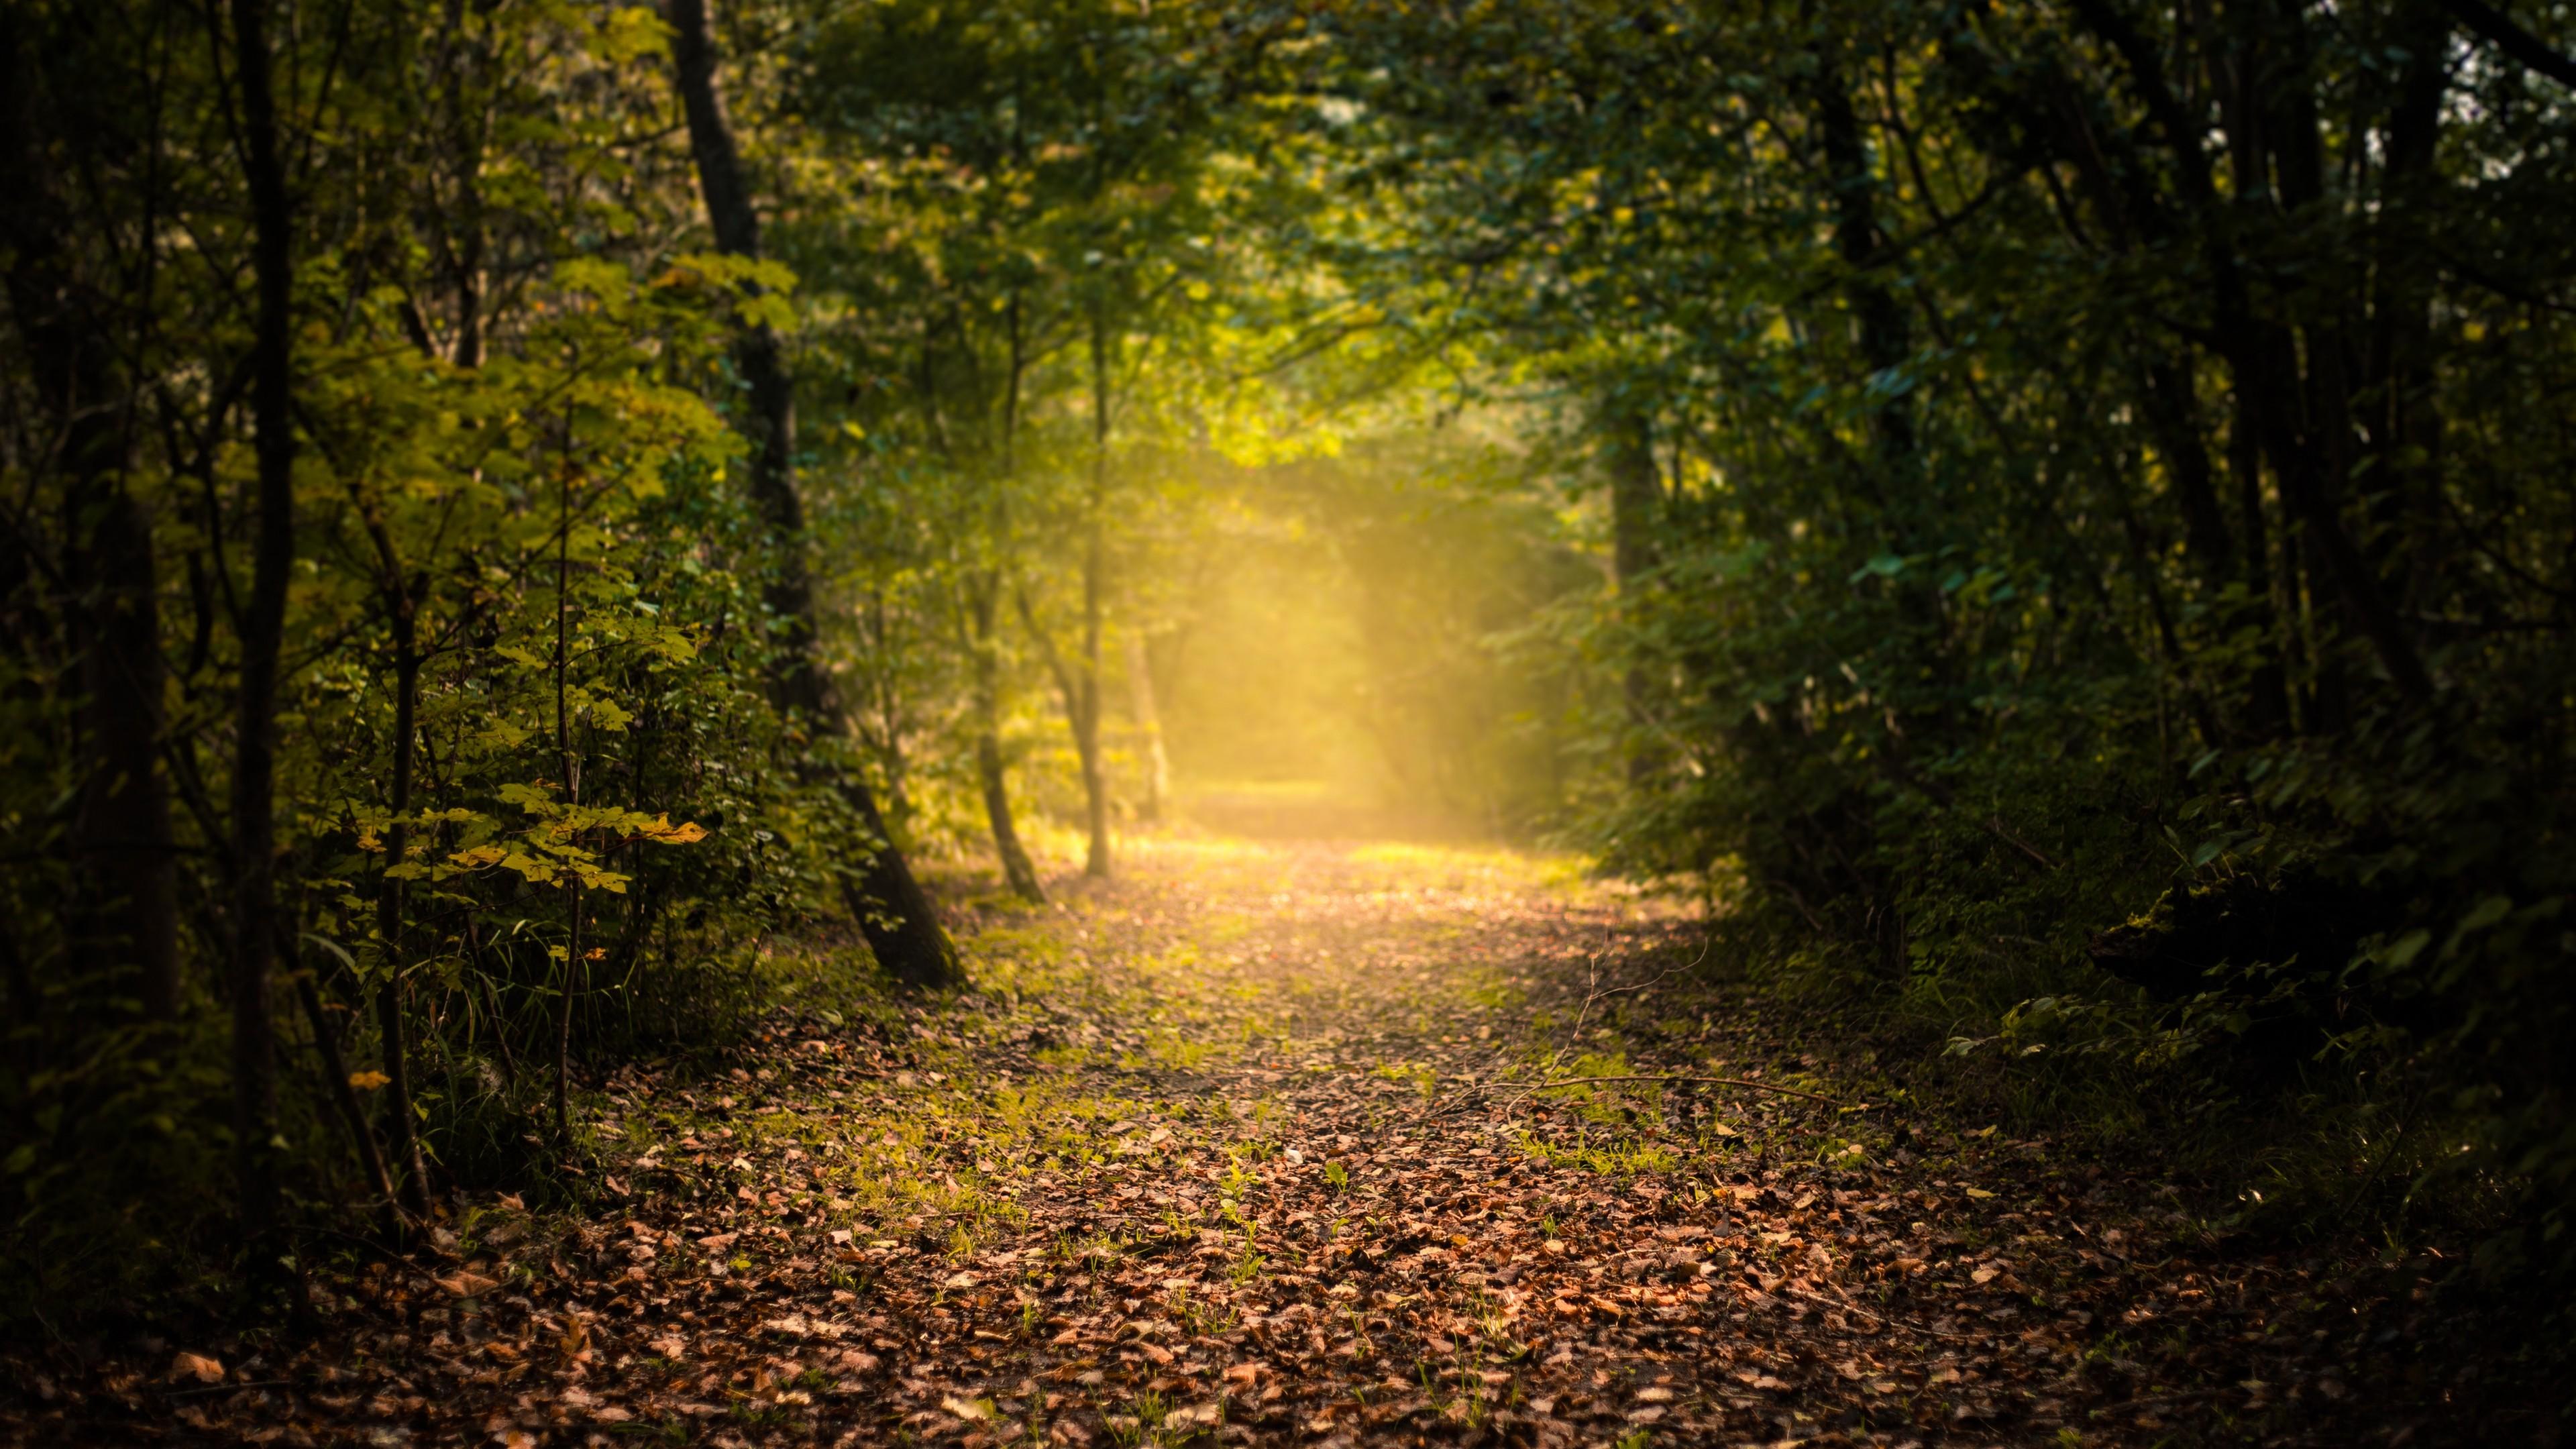 Золотые солнечные лучи озарили осенний лес